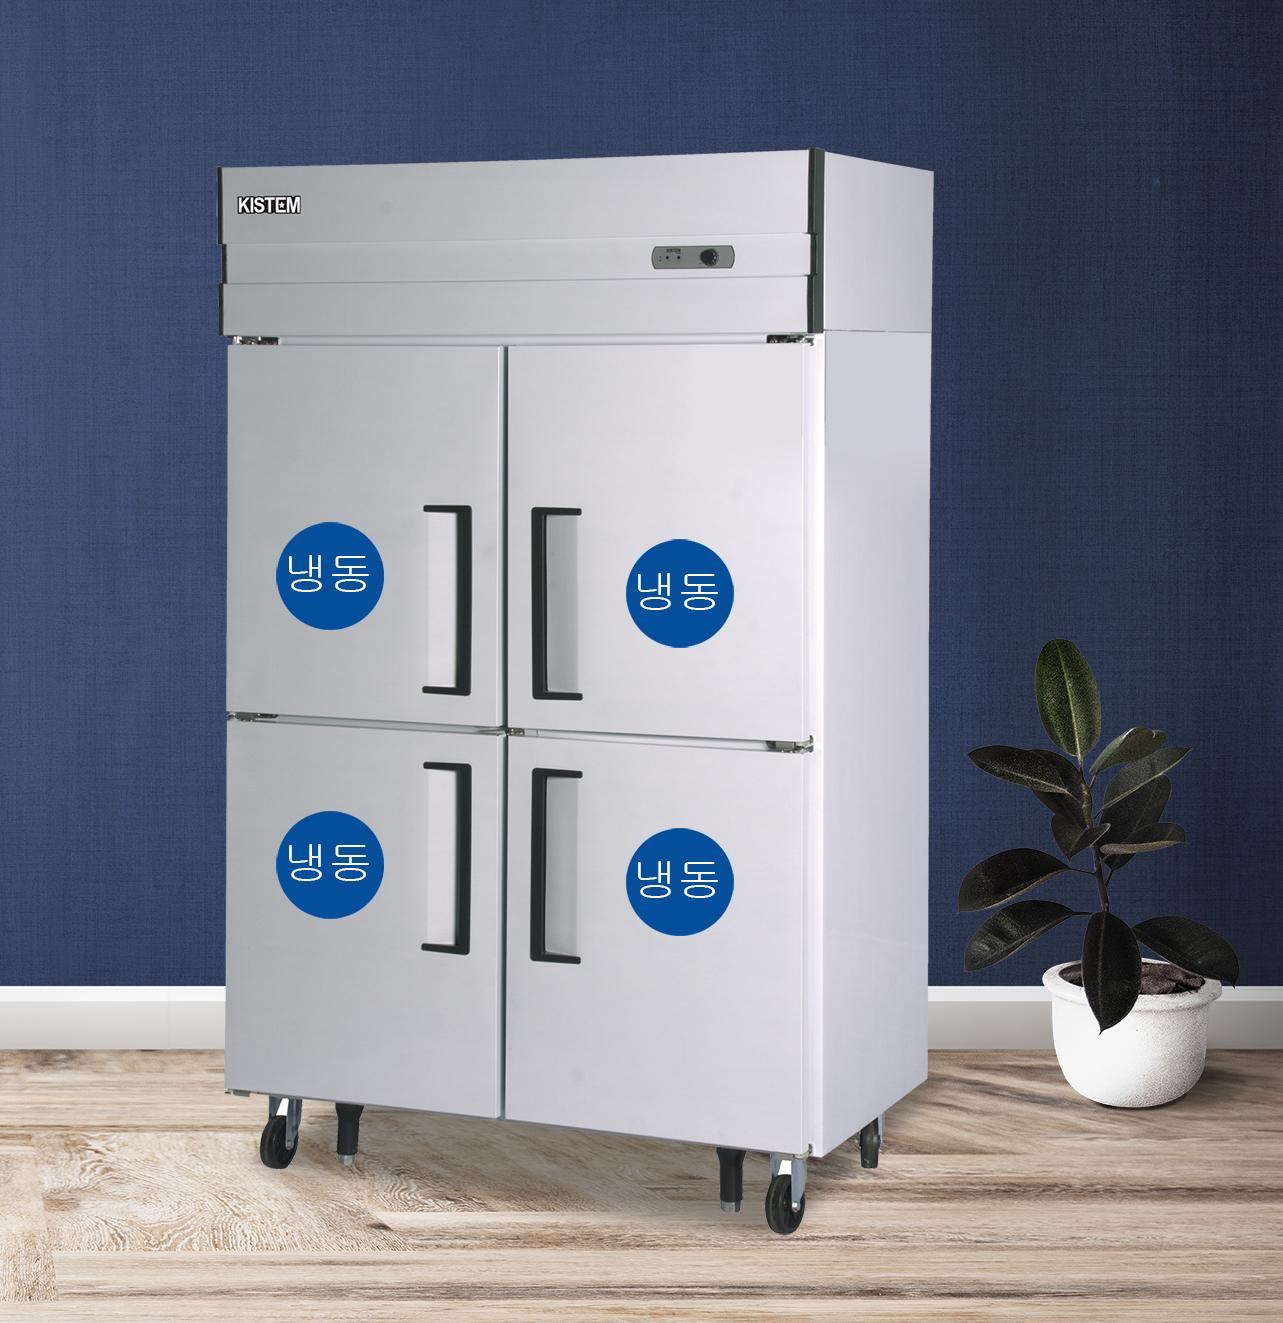 Giá Tủ đông  Kistem KIS-XD45F ( Tủ đứng đông 4 cửa )